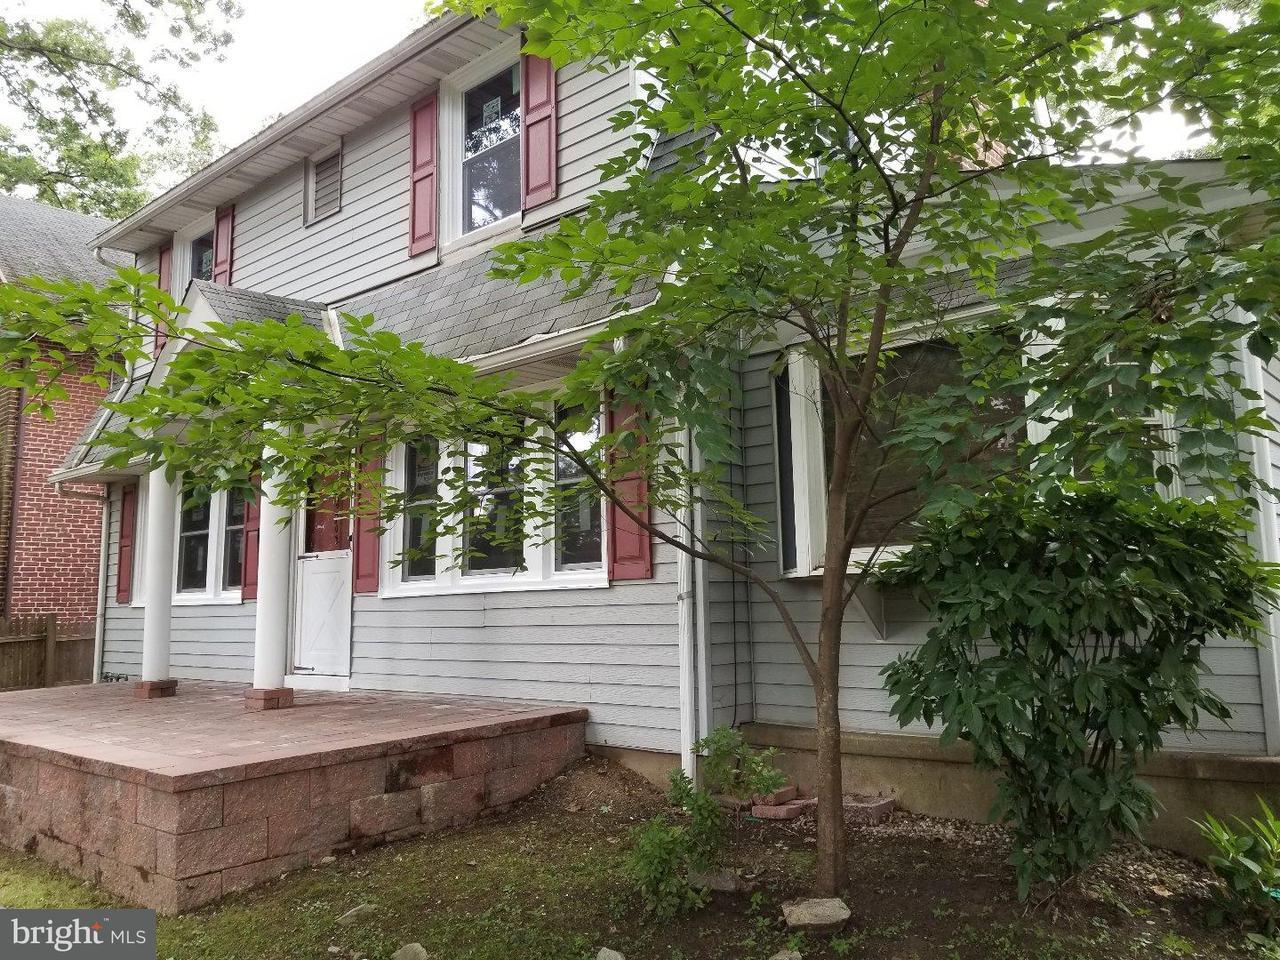 Частный односемейный дом для того Продажа на 702 E GLENSIDE Avenue Cheltenham, Пенсильвания 19095 Соединенные Штаты